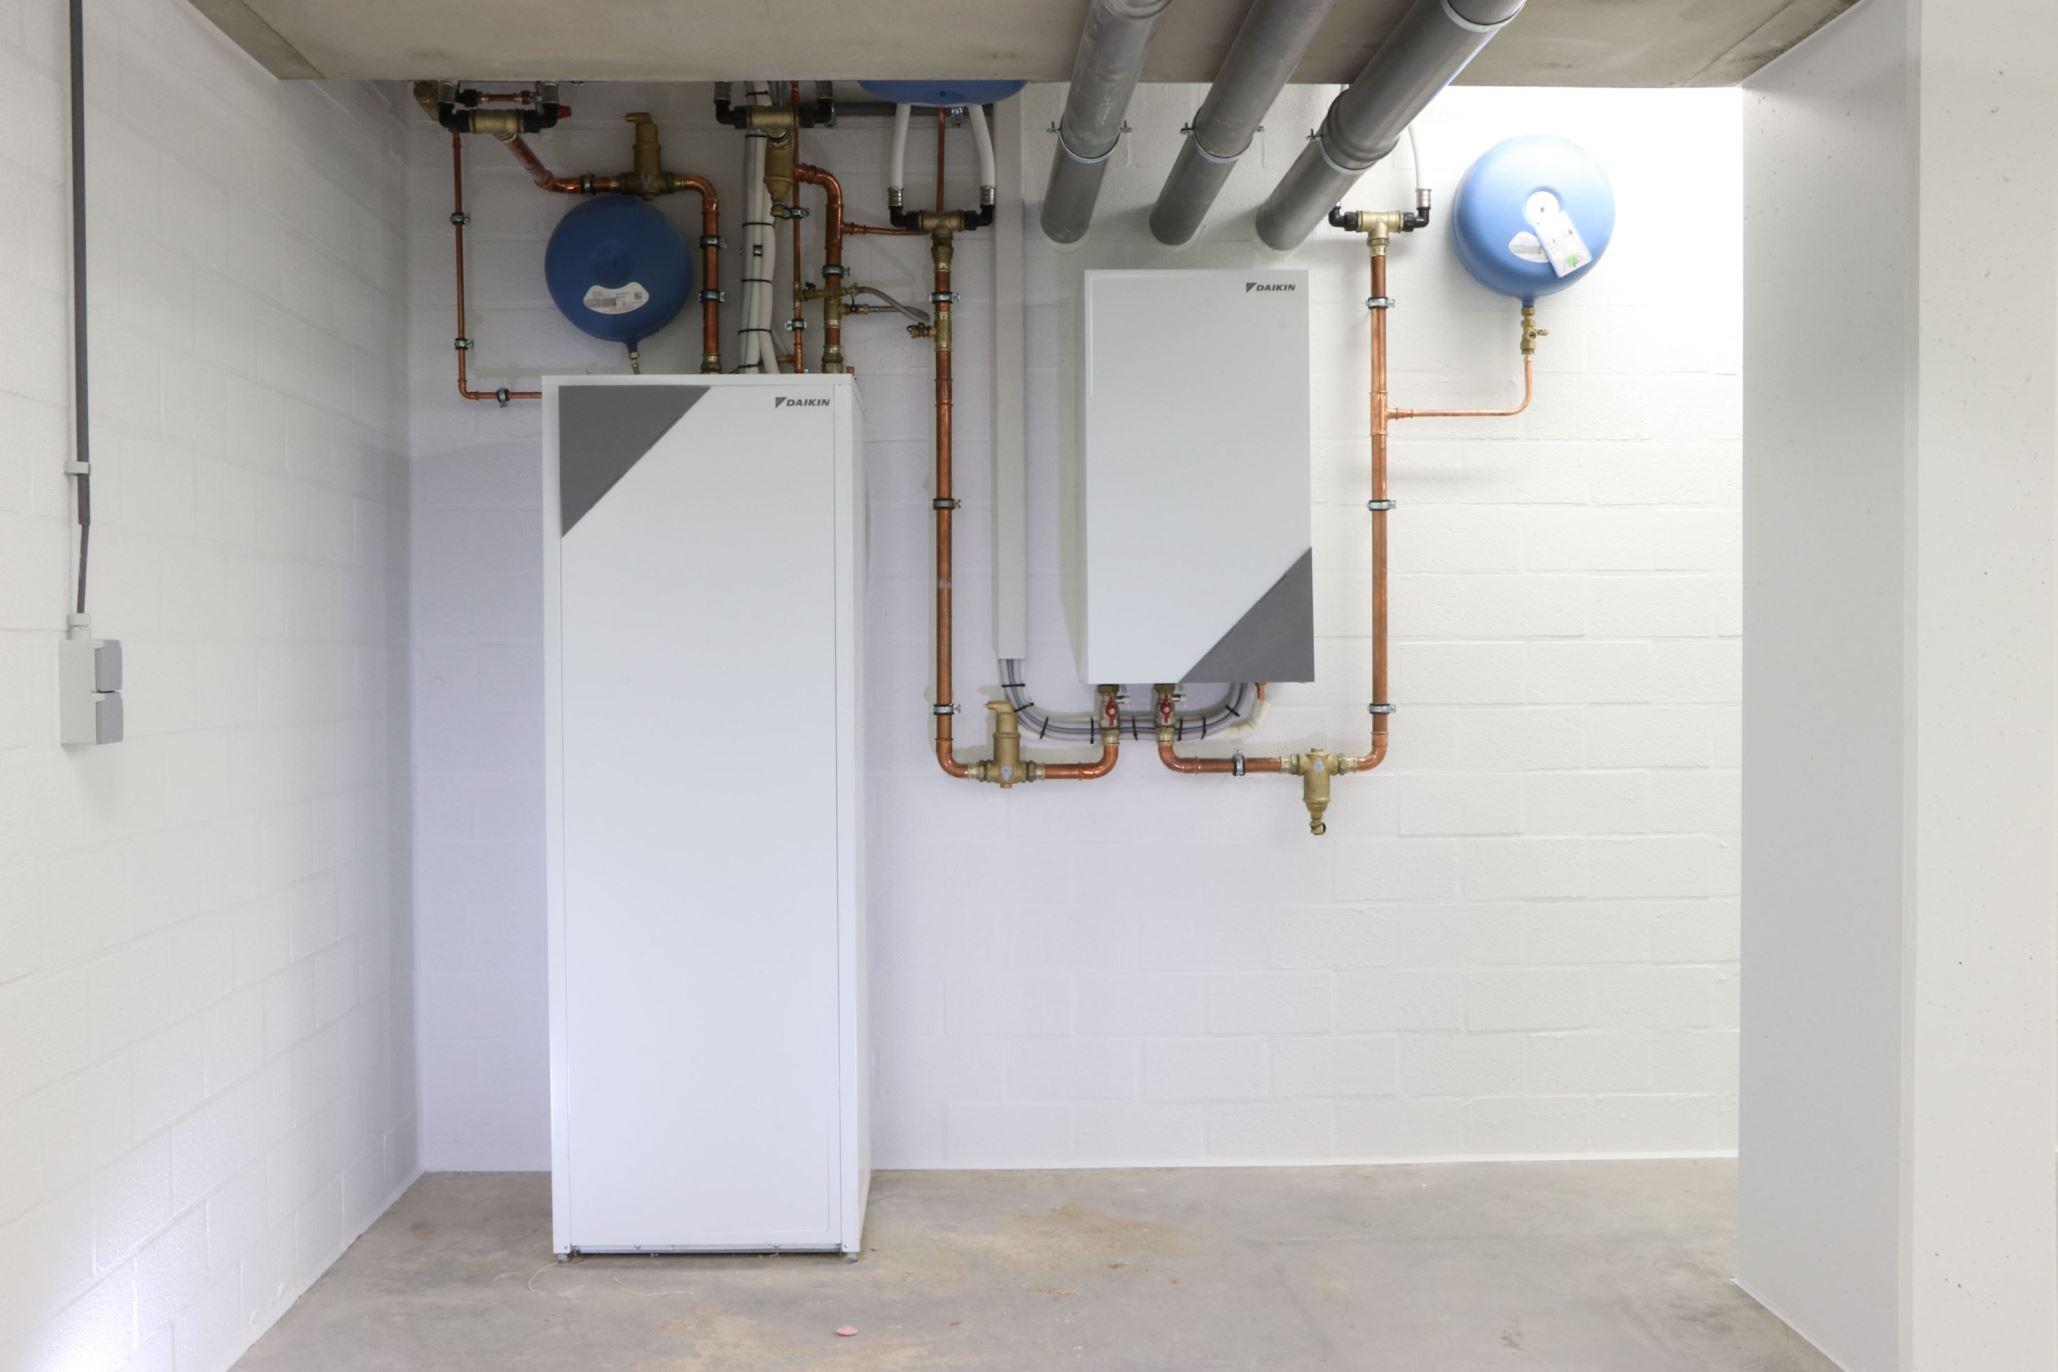 Warmtepomp installatie Altherma Daikin